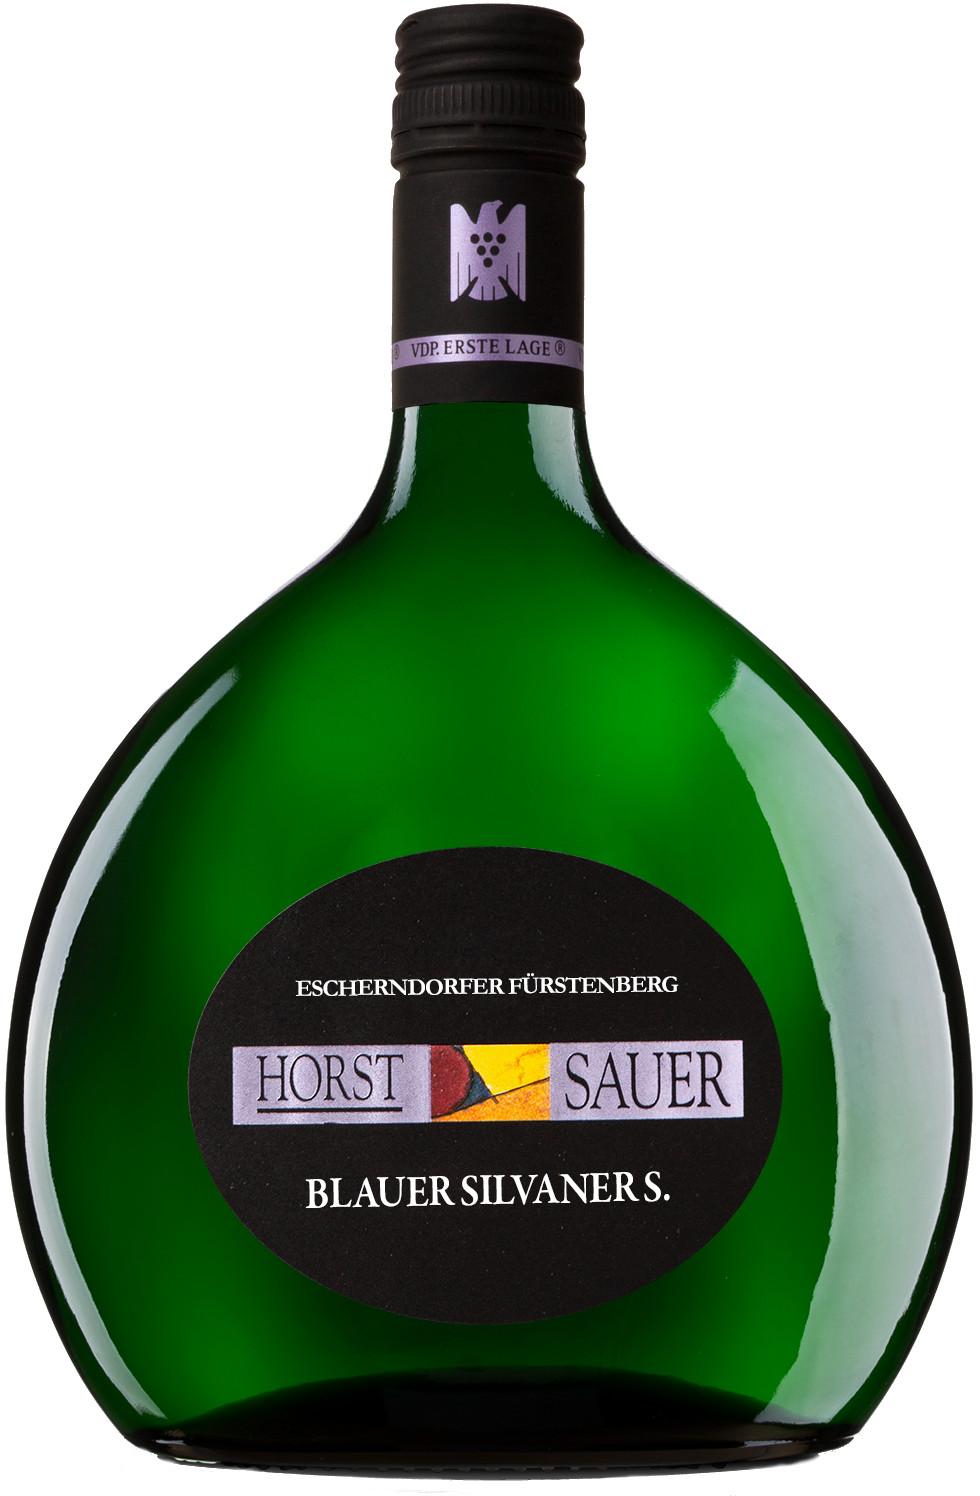 Produktbild zu Horst Sauer Escherndorfer Fürstenberg Blauer Silvaner S trocken 2019 von Weingut Horst Sauer